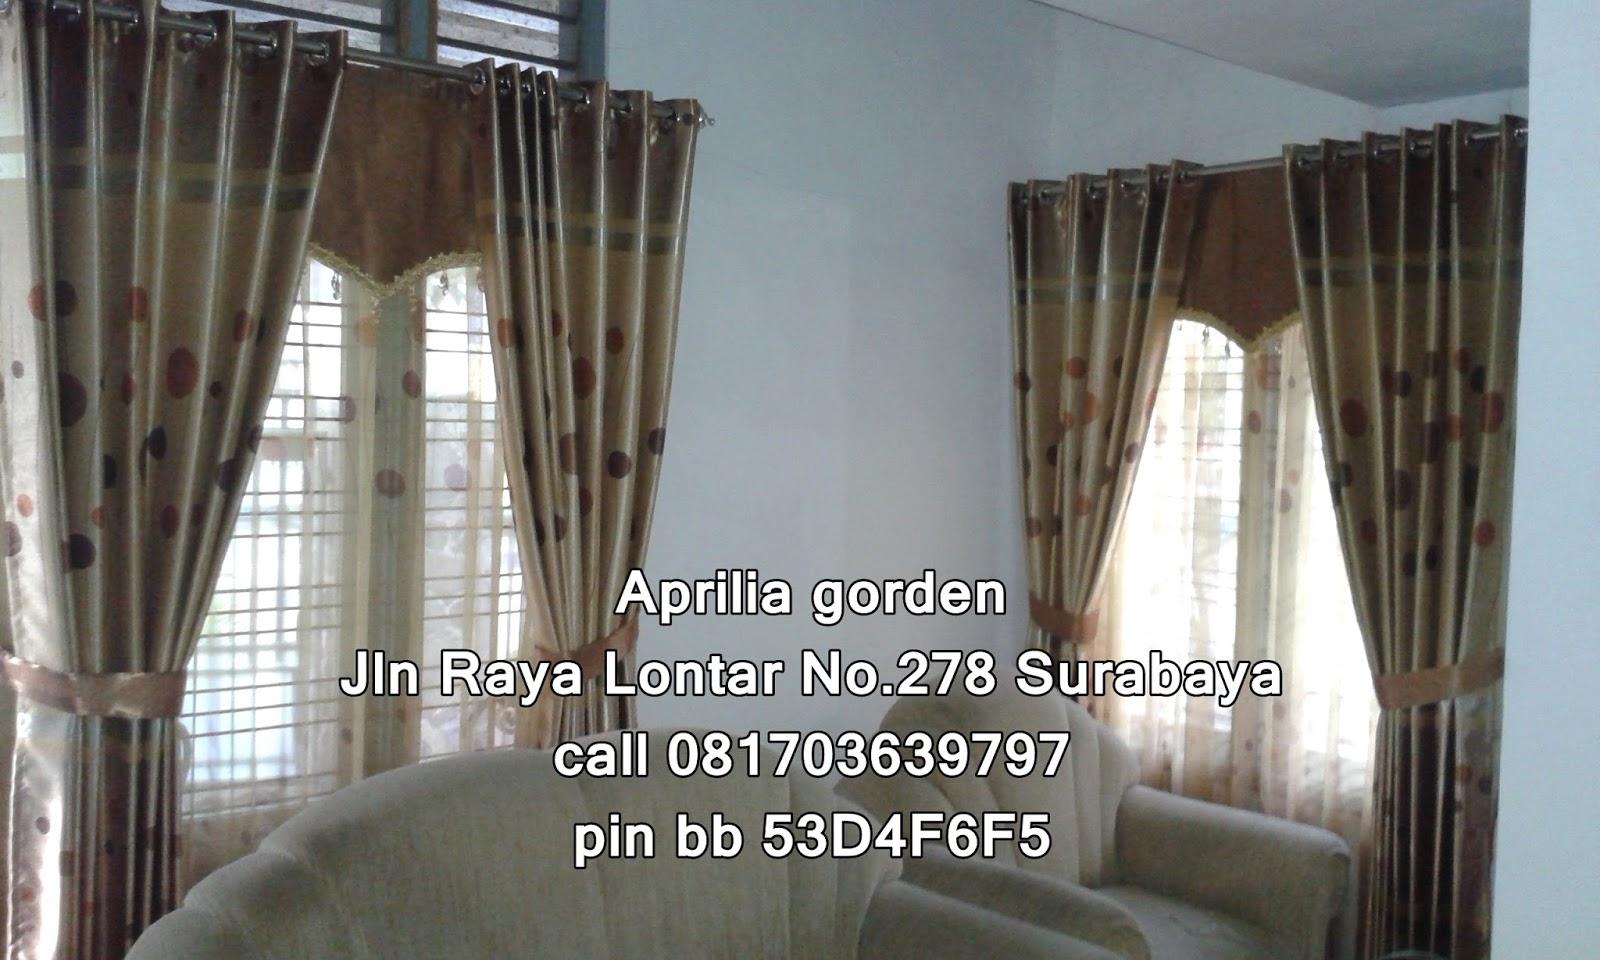 Aprilia Gorden Surabaya